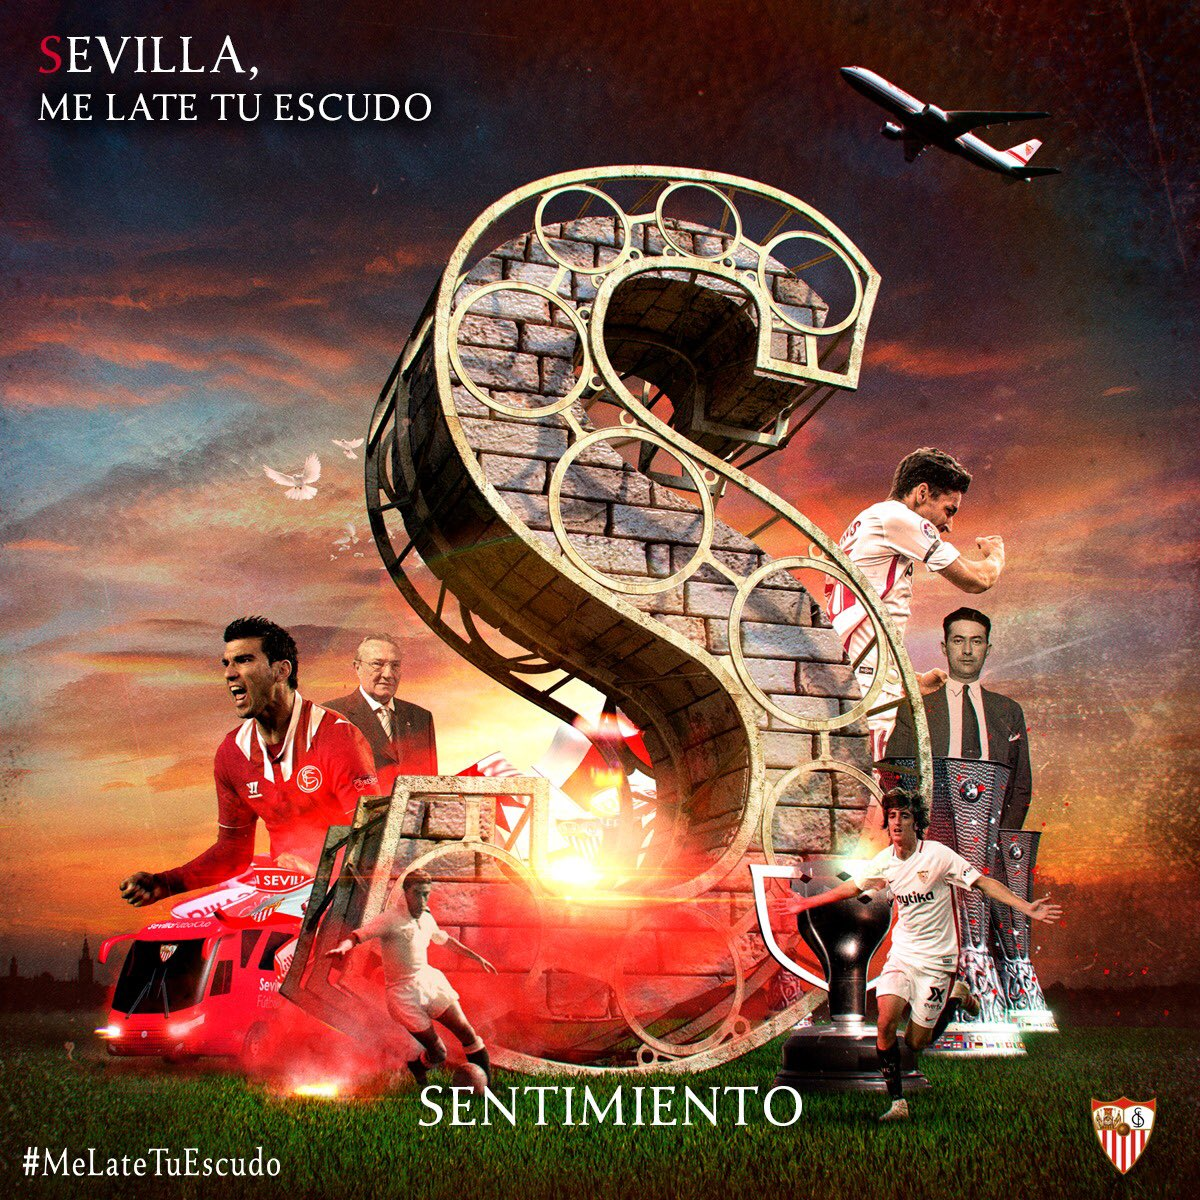 Más de 2.000 personas se apuntan para conseguir los últimos abonos del Sevilla FC